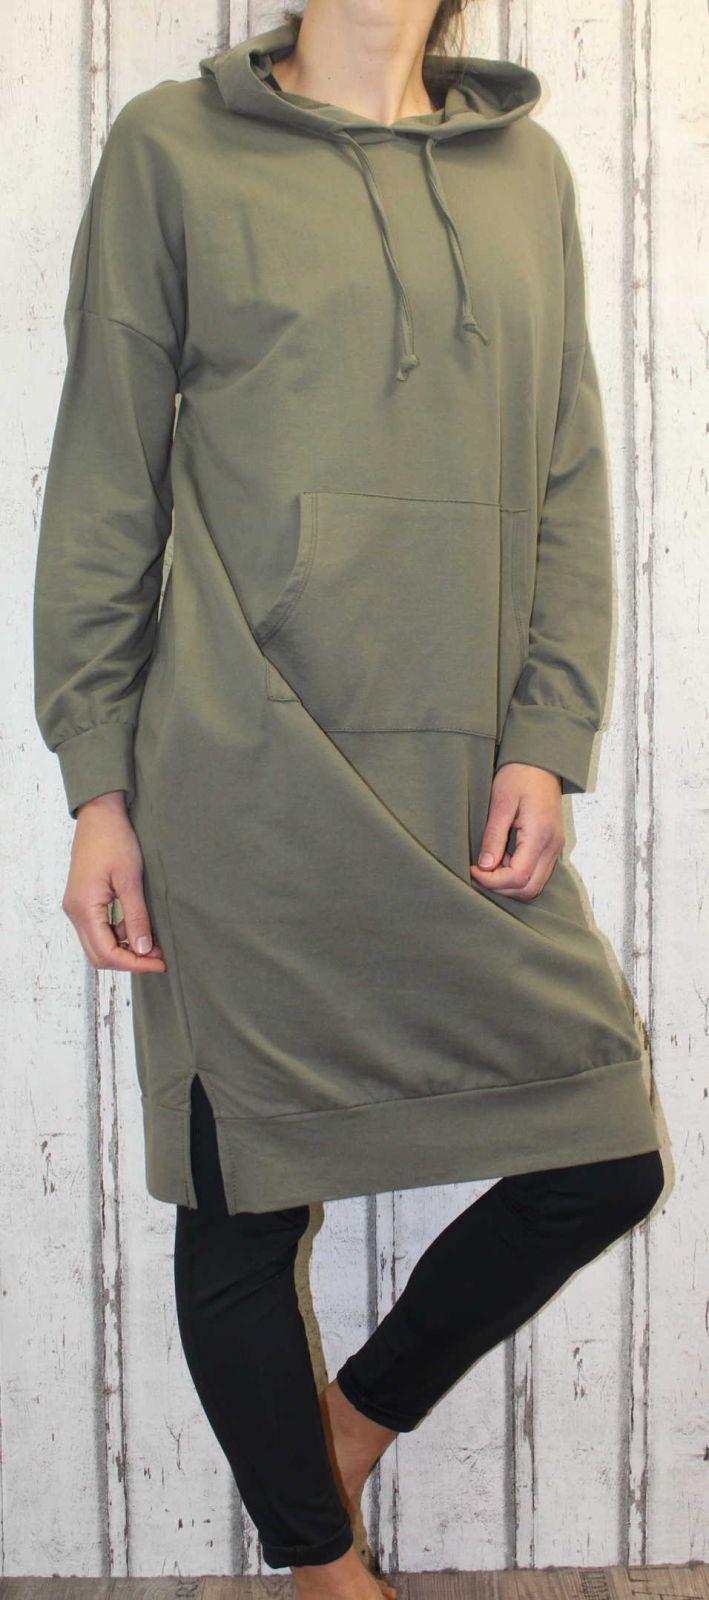 Dámská dlouhá mikina, dlouhá mikina ke kolenům, dlouhé mikinové šaty, bavlněná dlouhá mikina, khaki dlouhá mikina, dlouhá mikina s kapucí Italy Moda